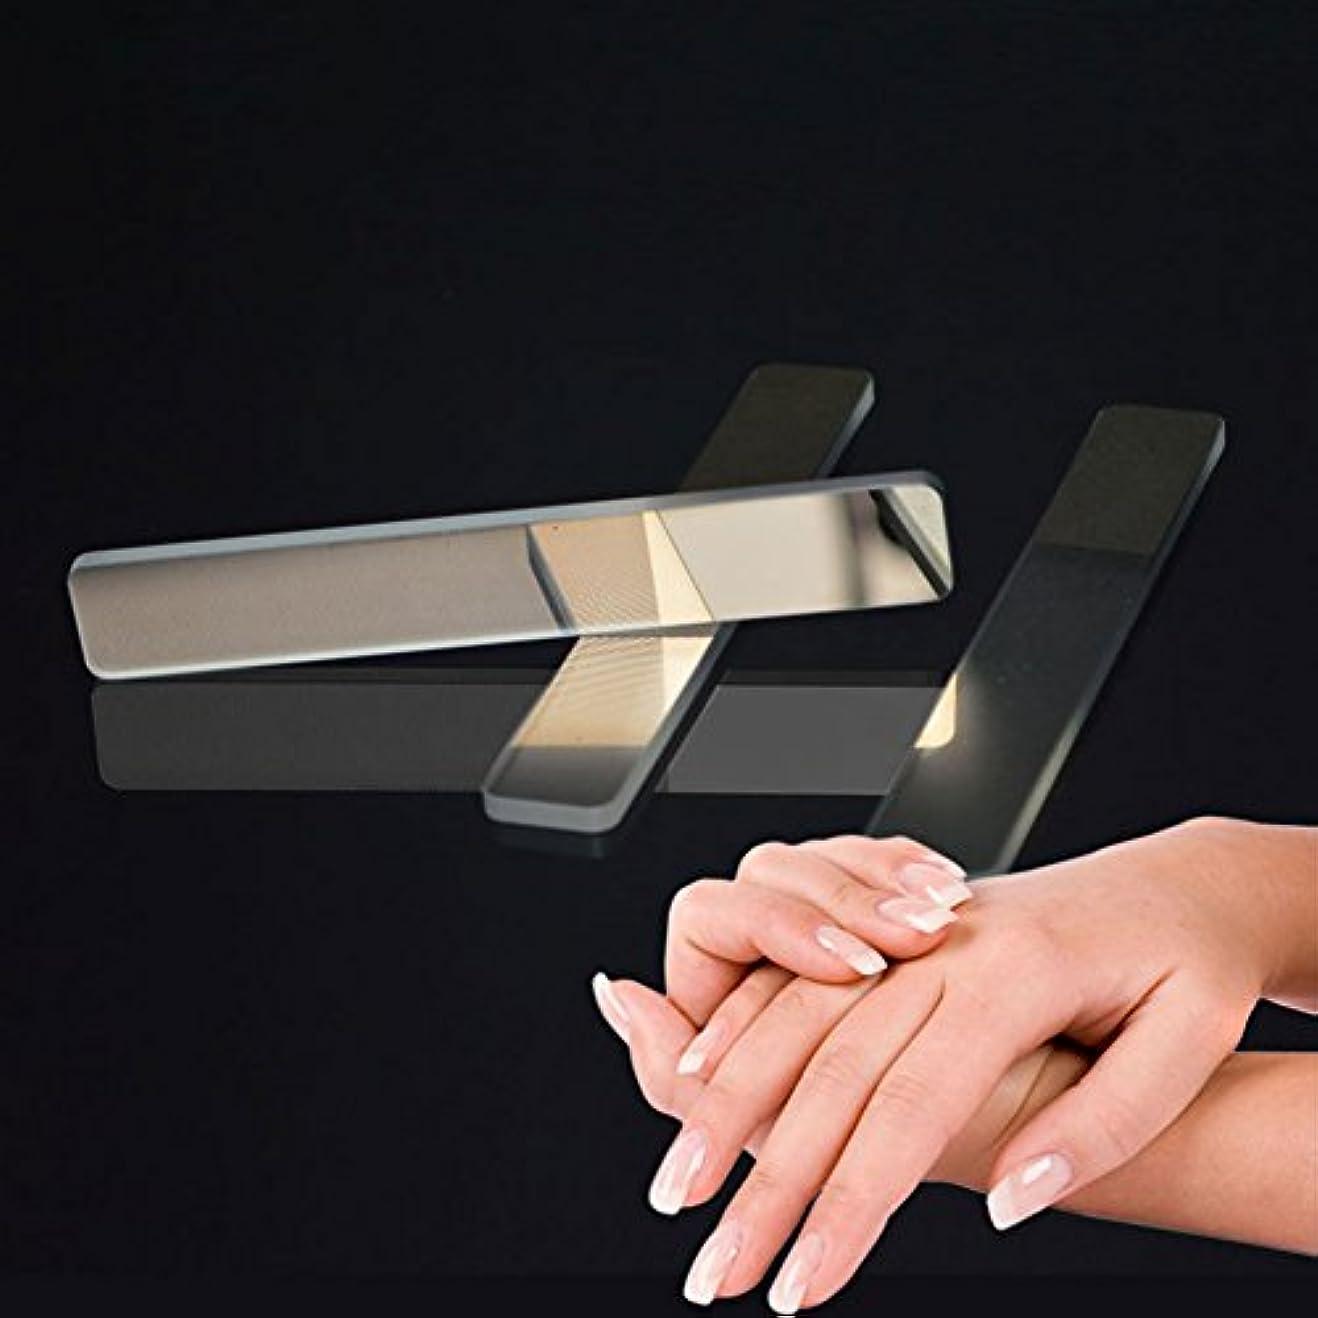 ニコチン前件肯定的爪やすり WUUDI 爪磨き ガラス爪ヤスリ ネイルファイル ネイルシャイナー つめケア ガラス製 ネイルケア 甘皮処理 (白)